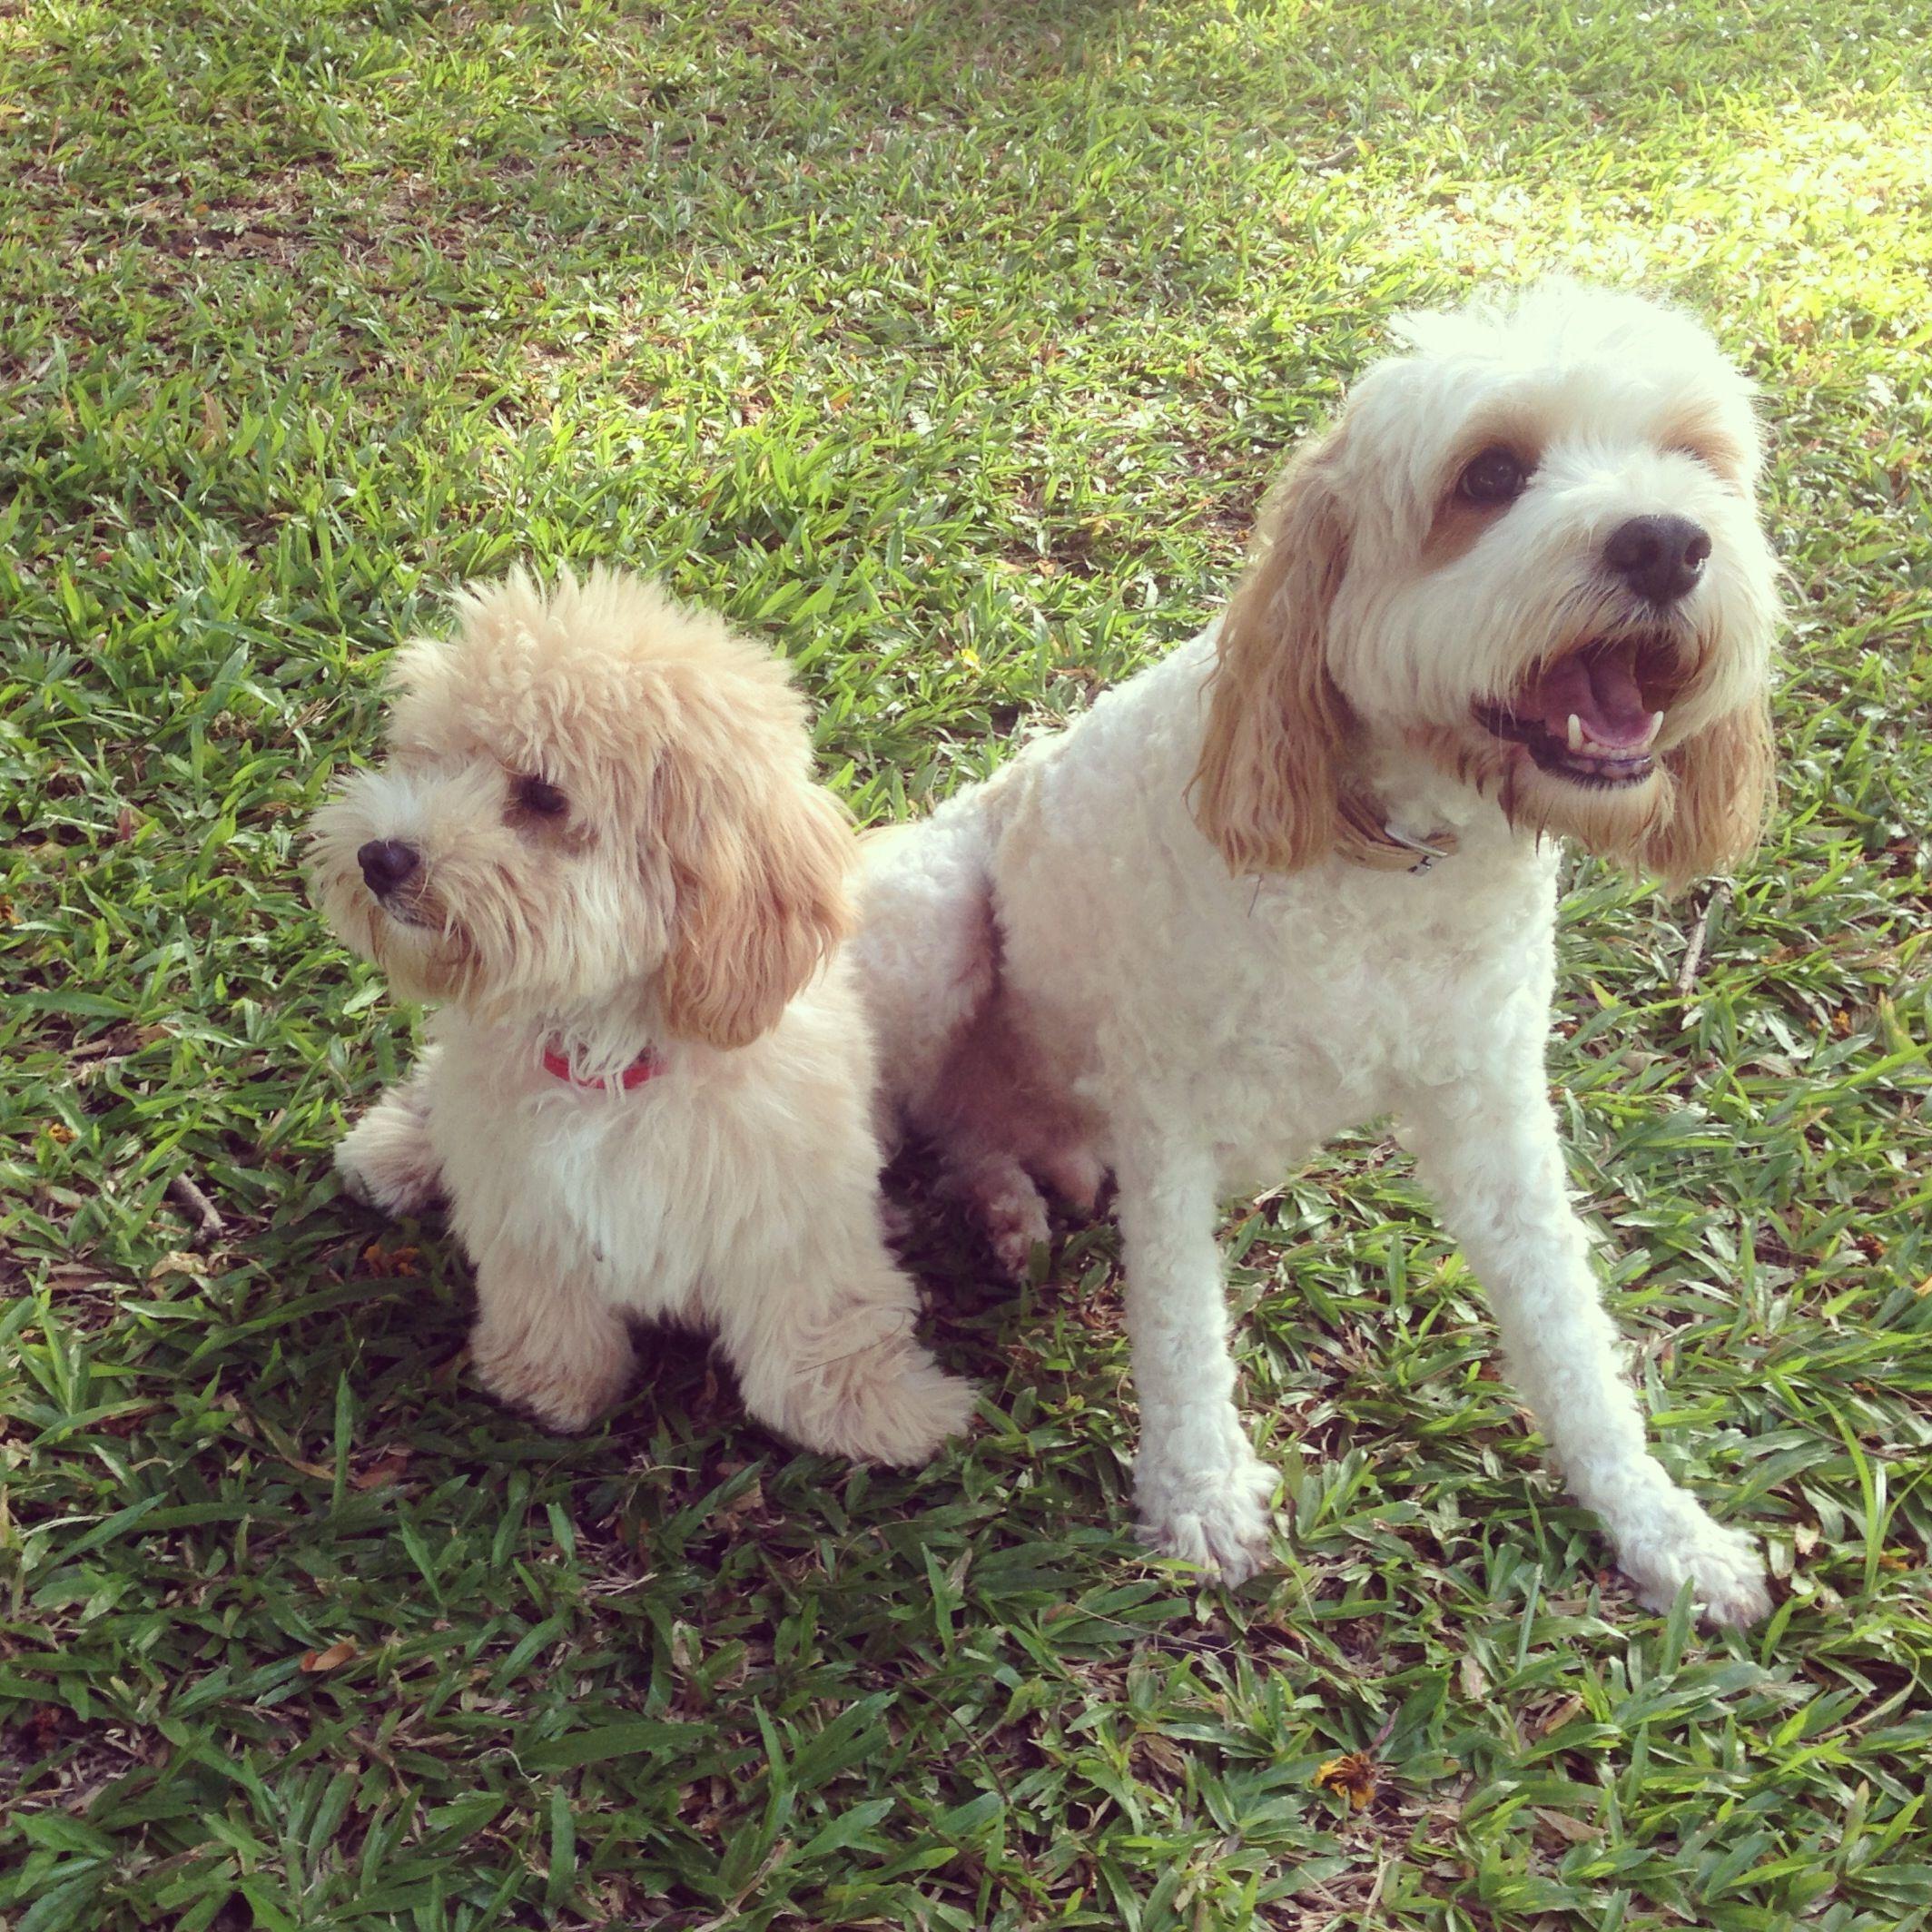 Poodle Cross Breeds Dog Forum Blog Online Pet Supplies For Dogs Myoodle Dog Crossbreeds Poodle Cross Breeds Poodle